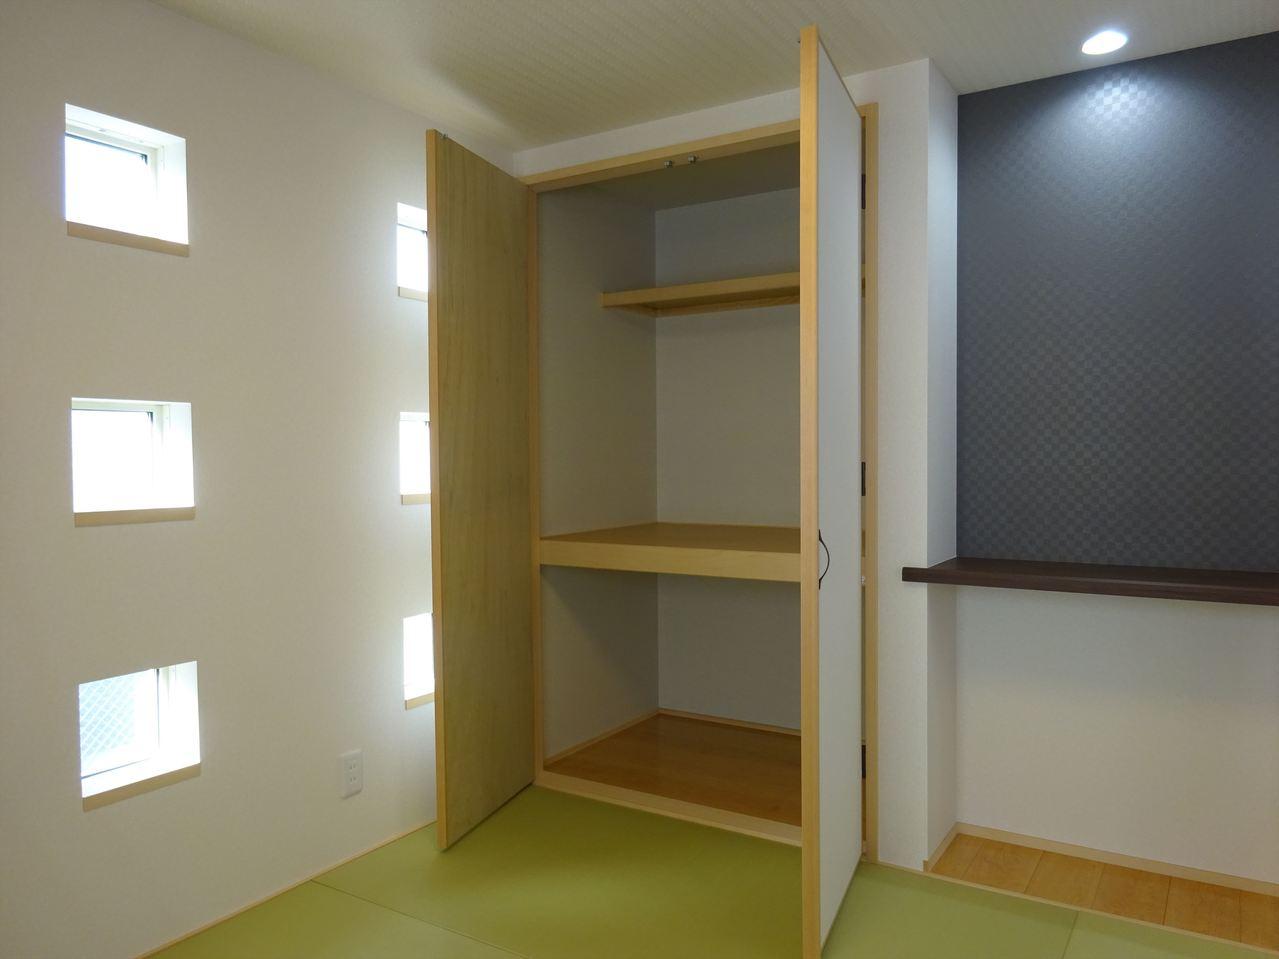 和室の収納。 小窓がオシャレすぎませんか?? こんなお家に住みたいー!